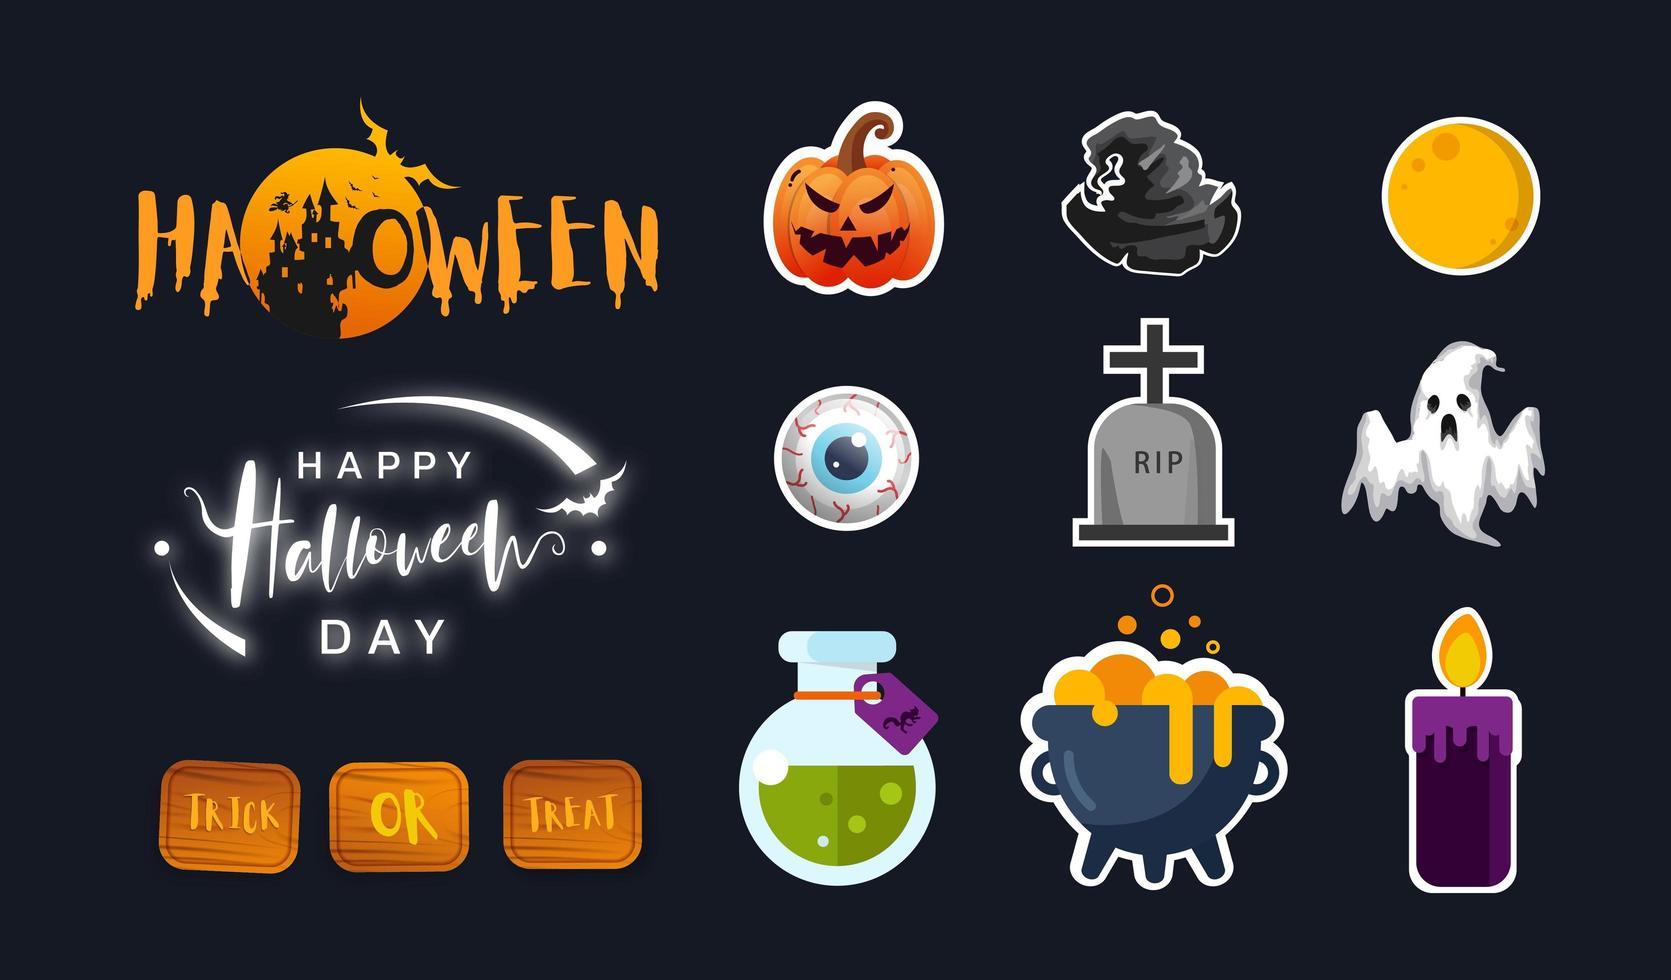 Sammlung von Halloween-Ikone im flachen Design. niedliche Ikone Design. Vektorillustration. vektor